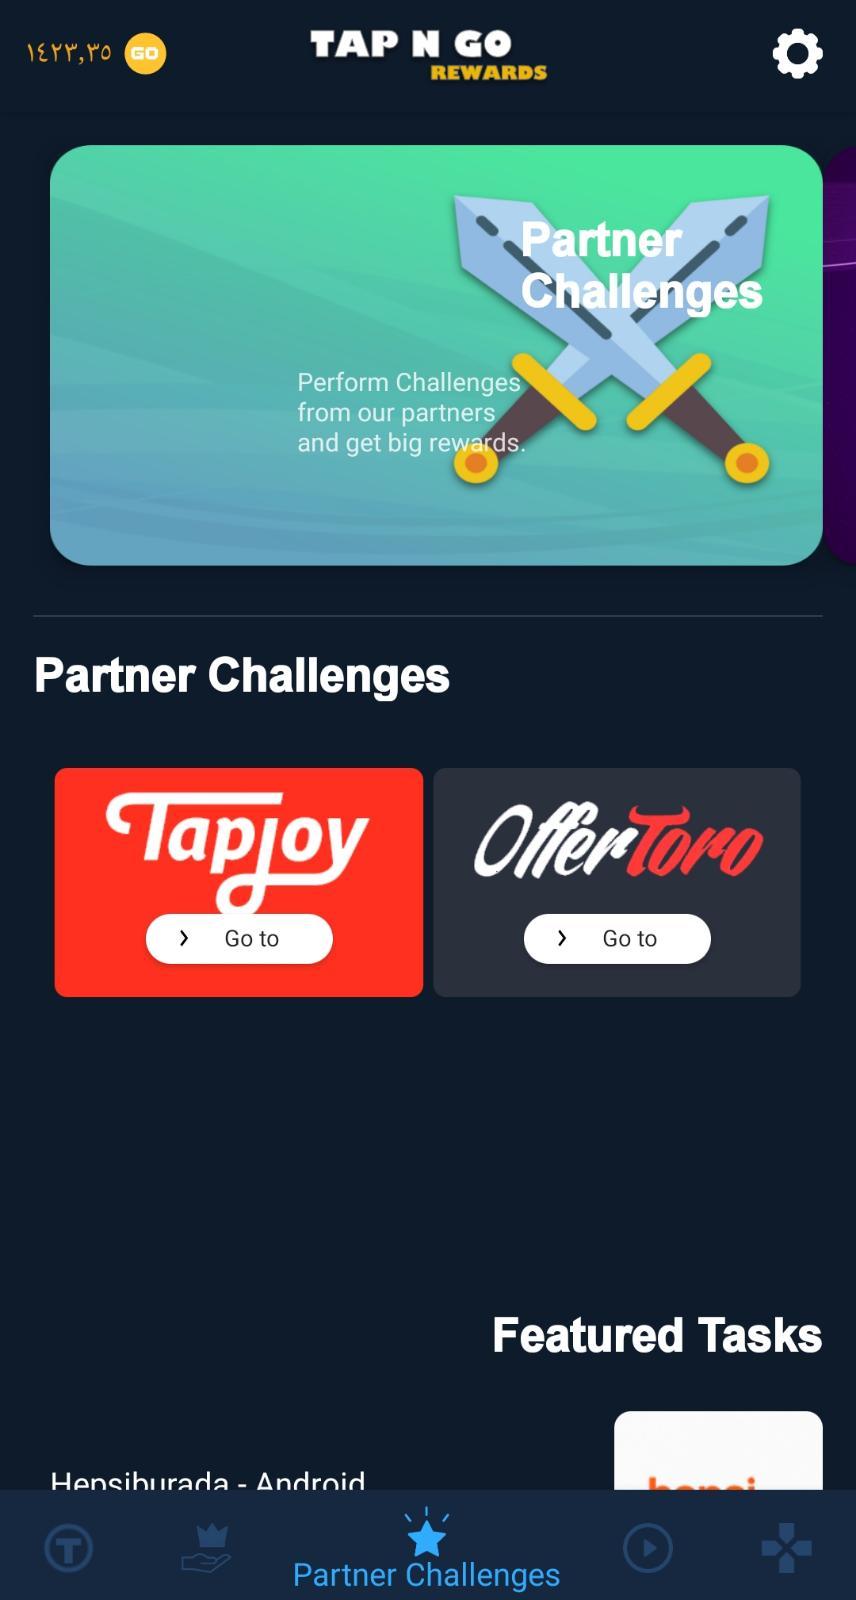 شرح كامل ورائع عن تطبيق Tap N Go لربح رصيد باي بال مجانا 2020 + اثبات السحب من تطبيق Tap N Go